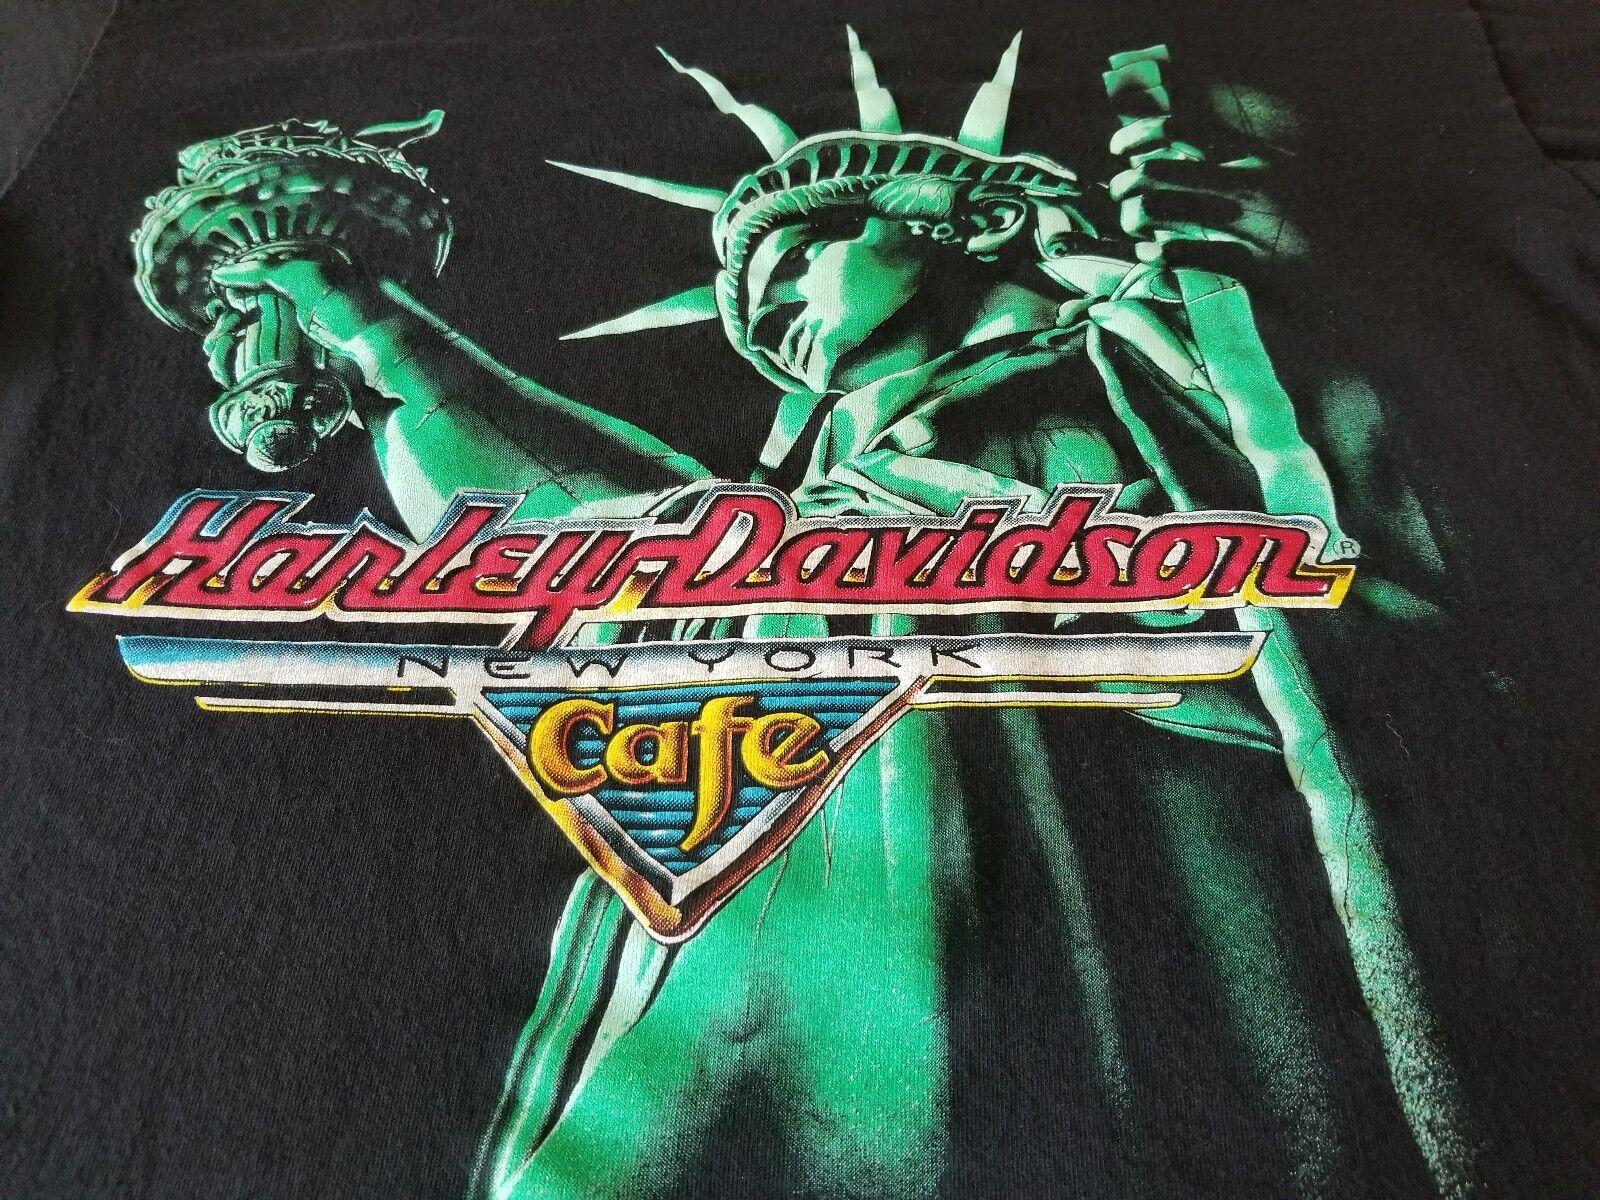 HARLEY DAVIDSON NEW YORK CAFE VINTAGE TEE SHIRT LARGE FANTASTIC GO USA